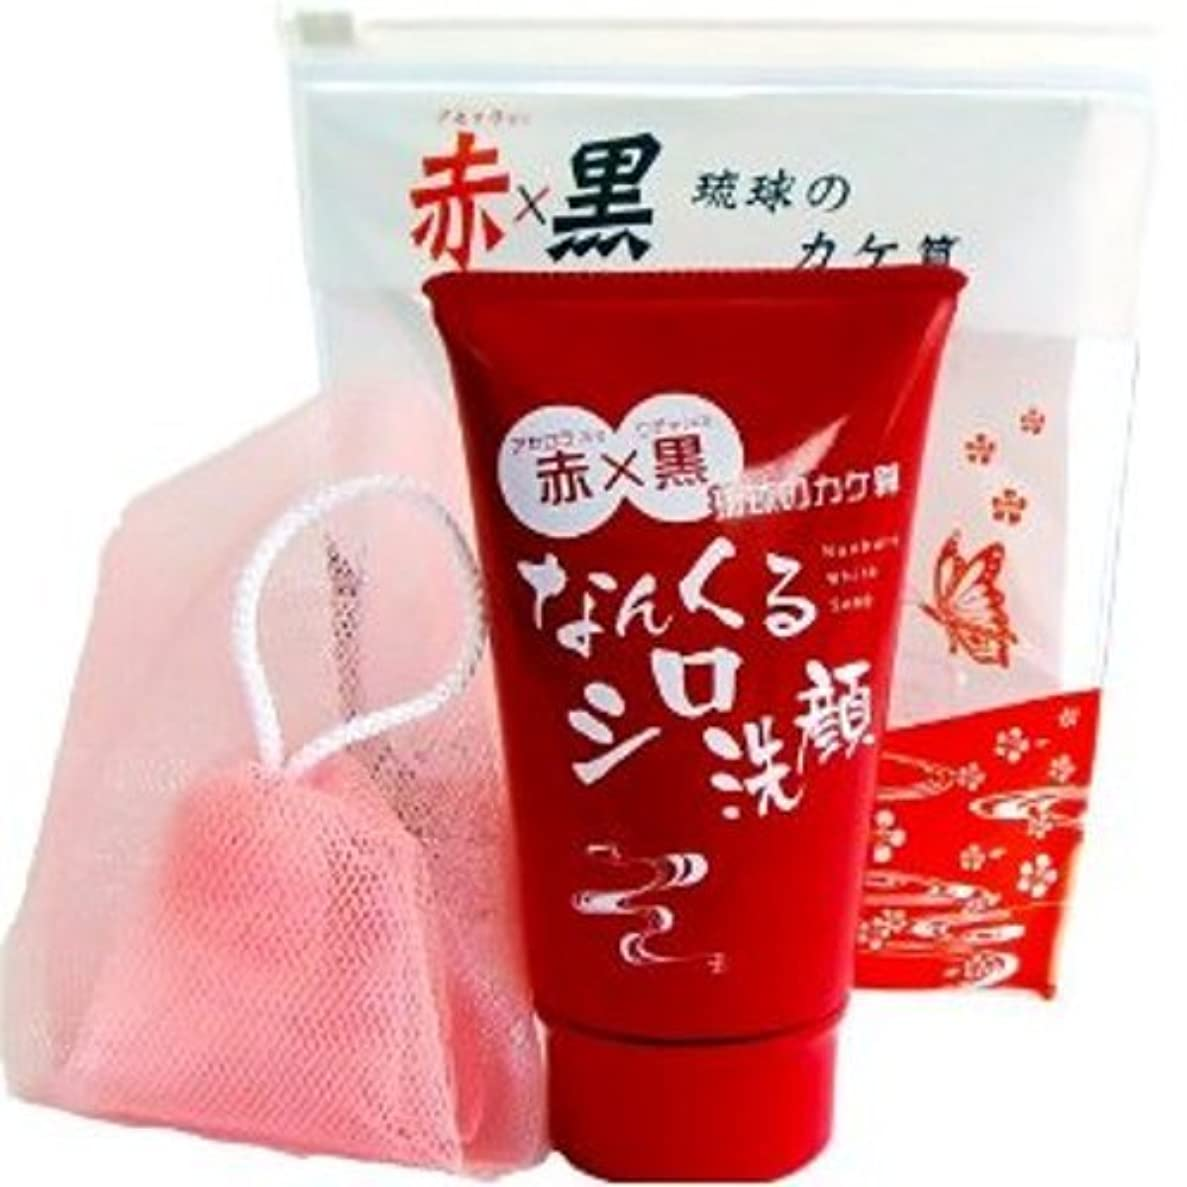 沿って連続的収縮Nankuru White Soap